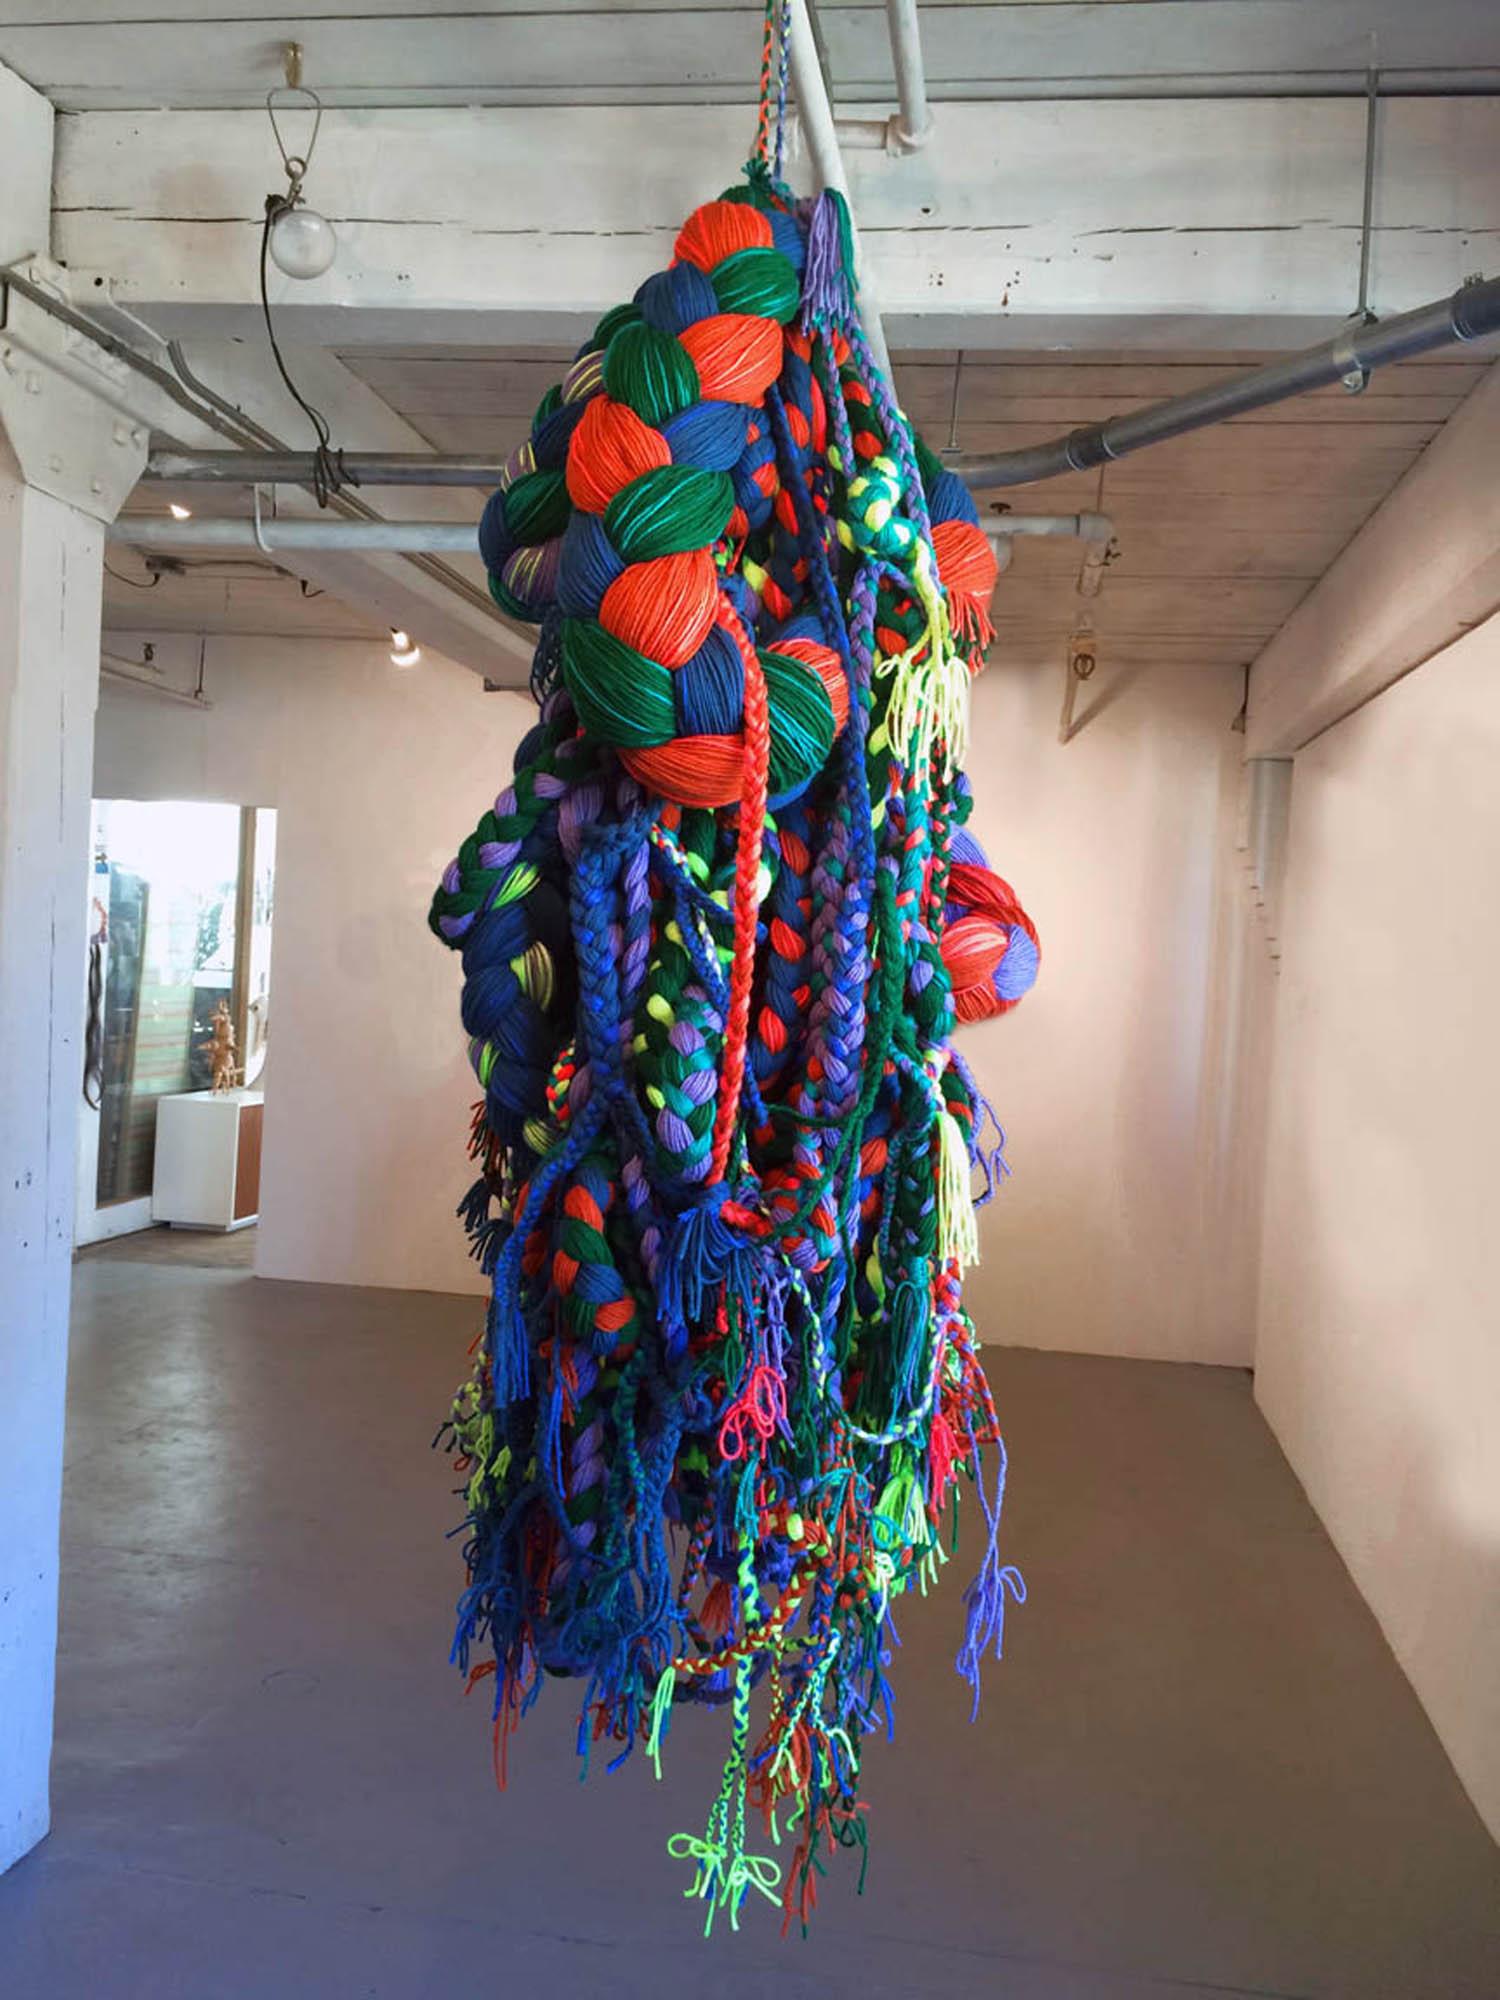 Diffuser, 2014, Yarn, 2.5' x 2' x 5'